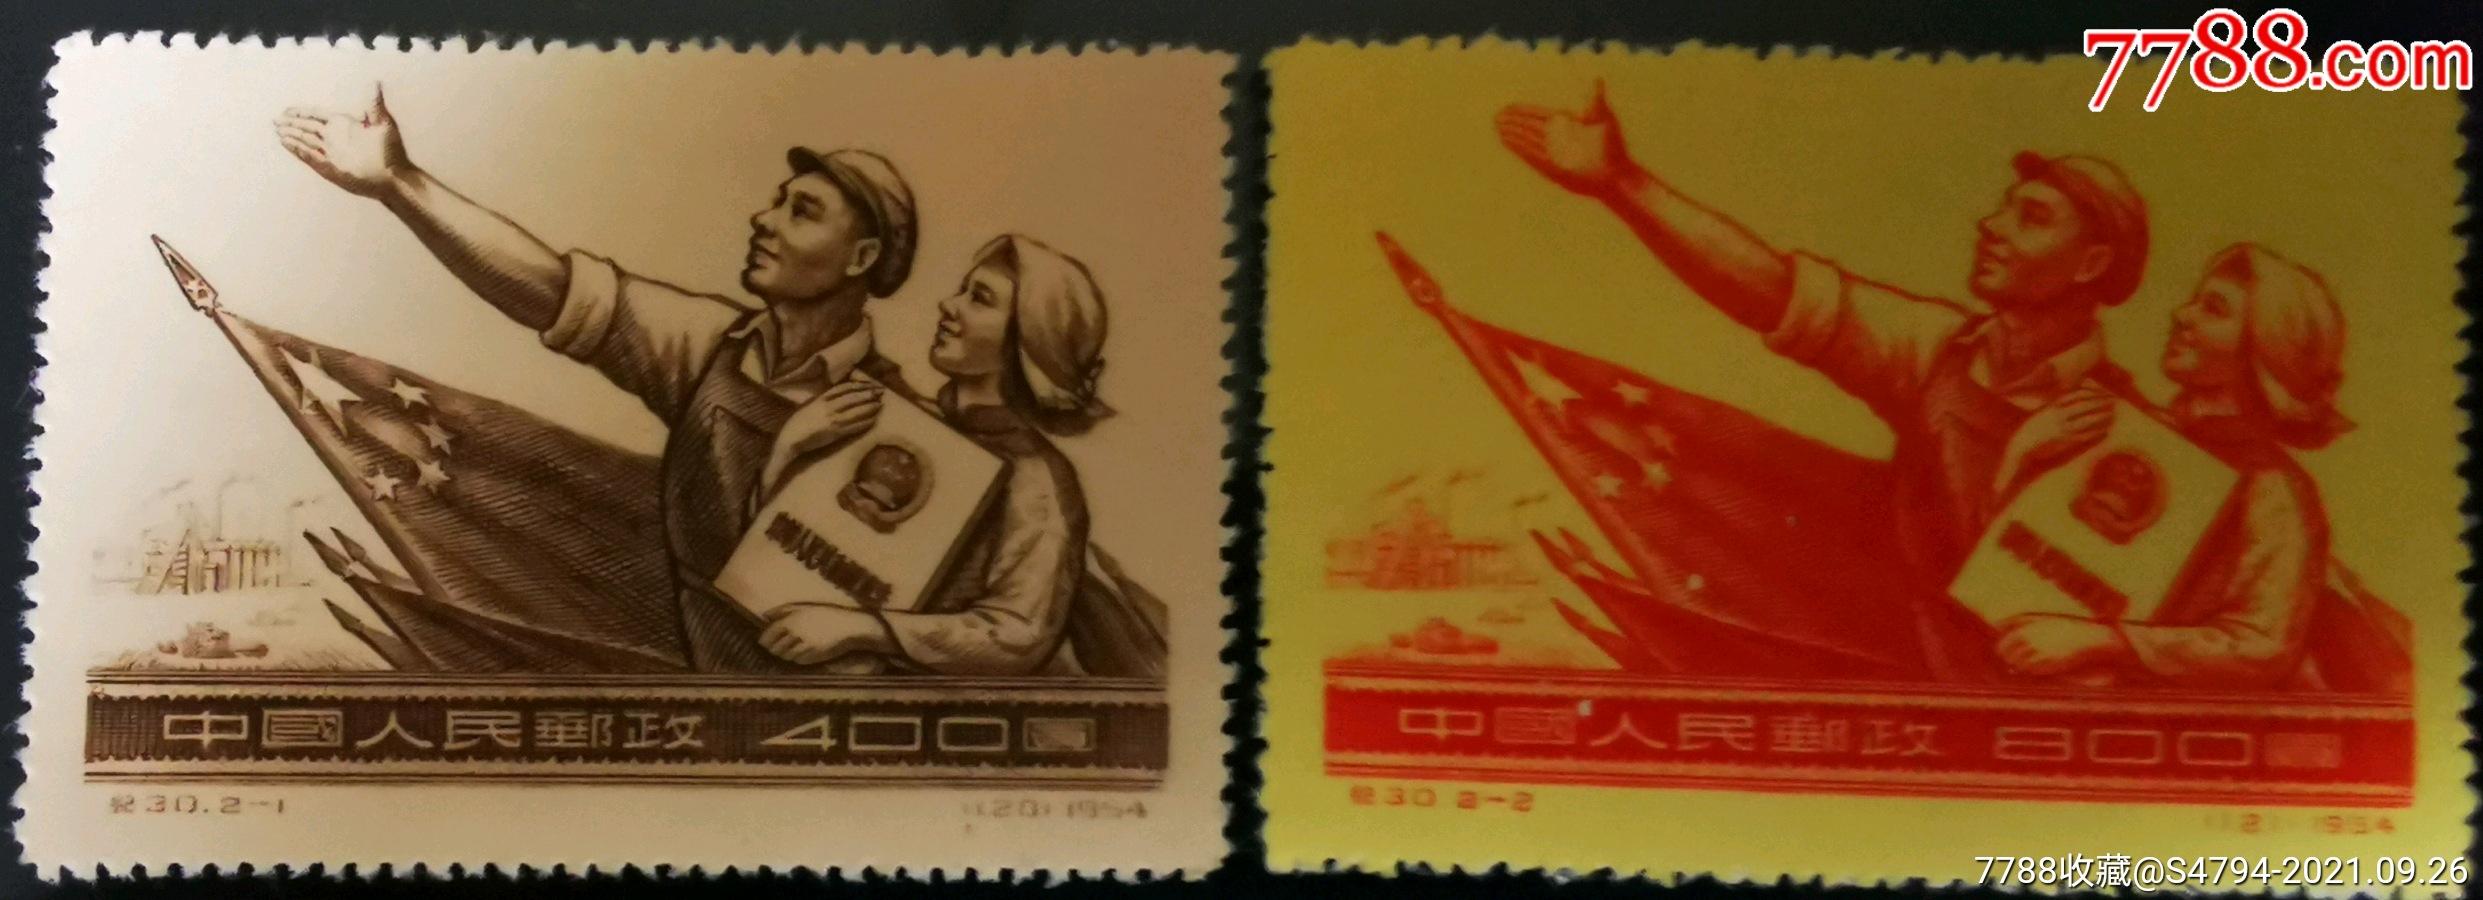 纪30《宪法》全新邮票_价格19元【寻奇苑】_第1张_